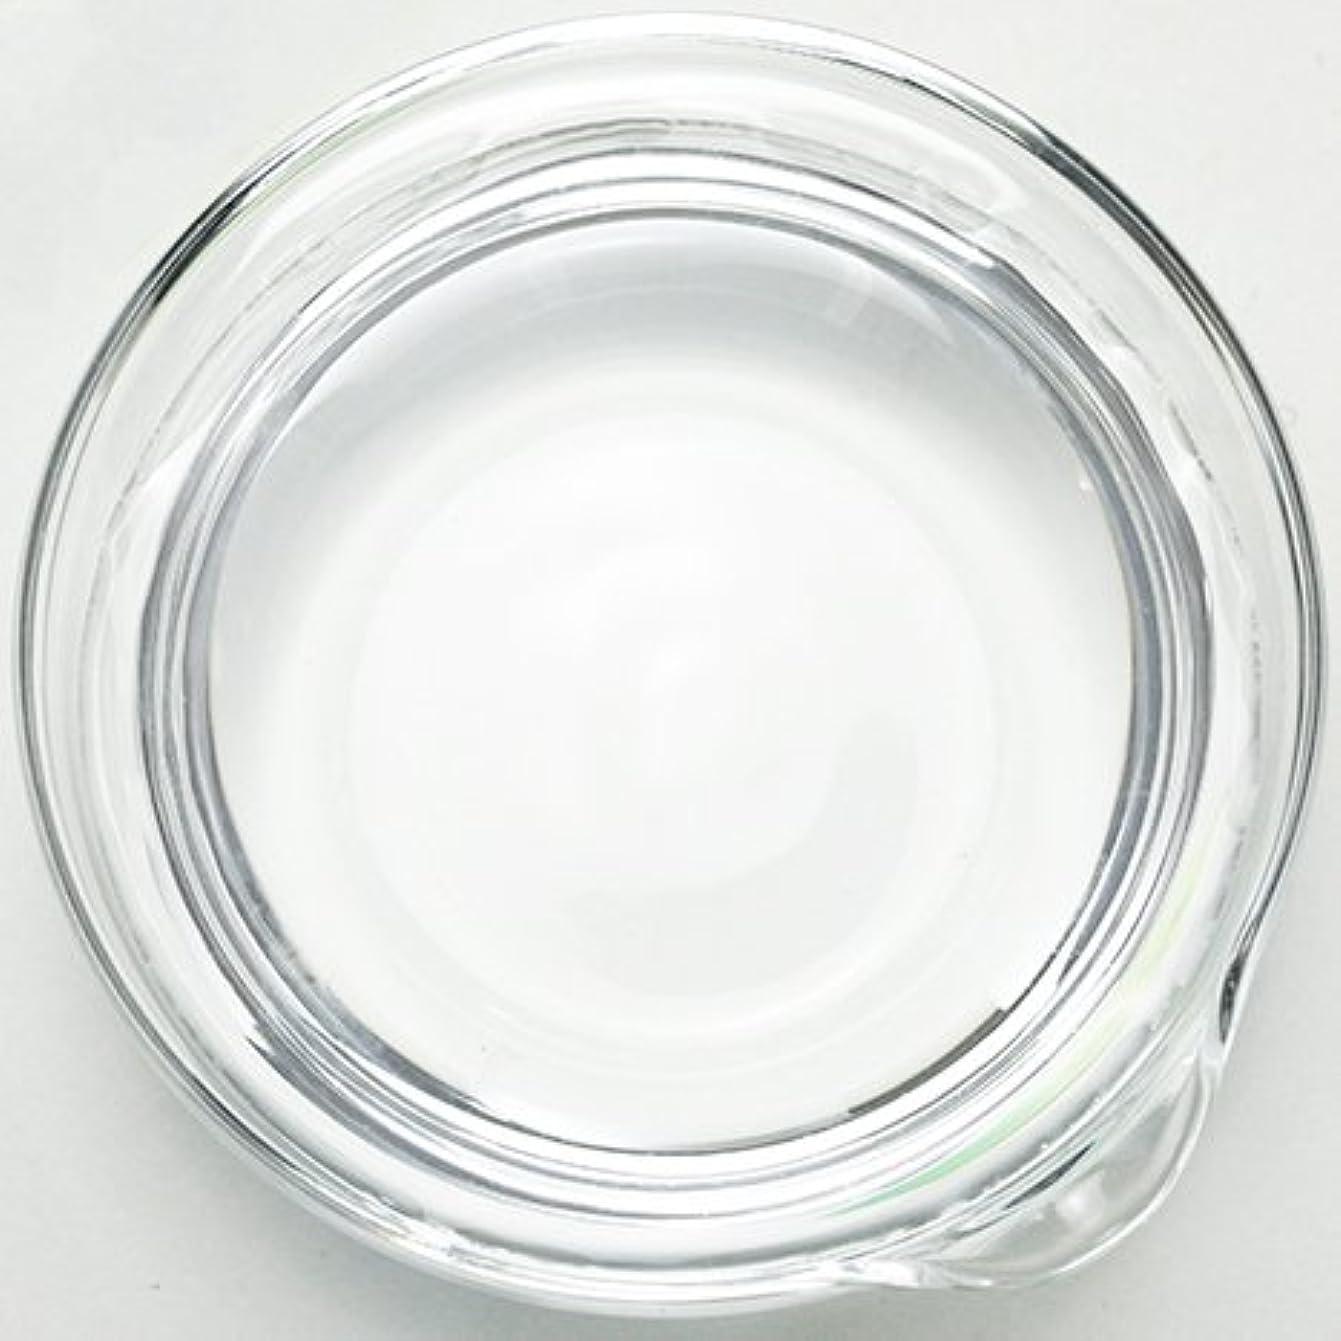 蛾書道硬化する濃グリセリン[植物性] 500ml 【手作り石鹸/手作りコスメ】